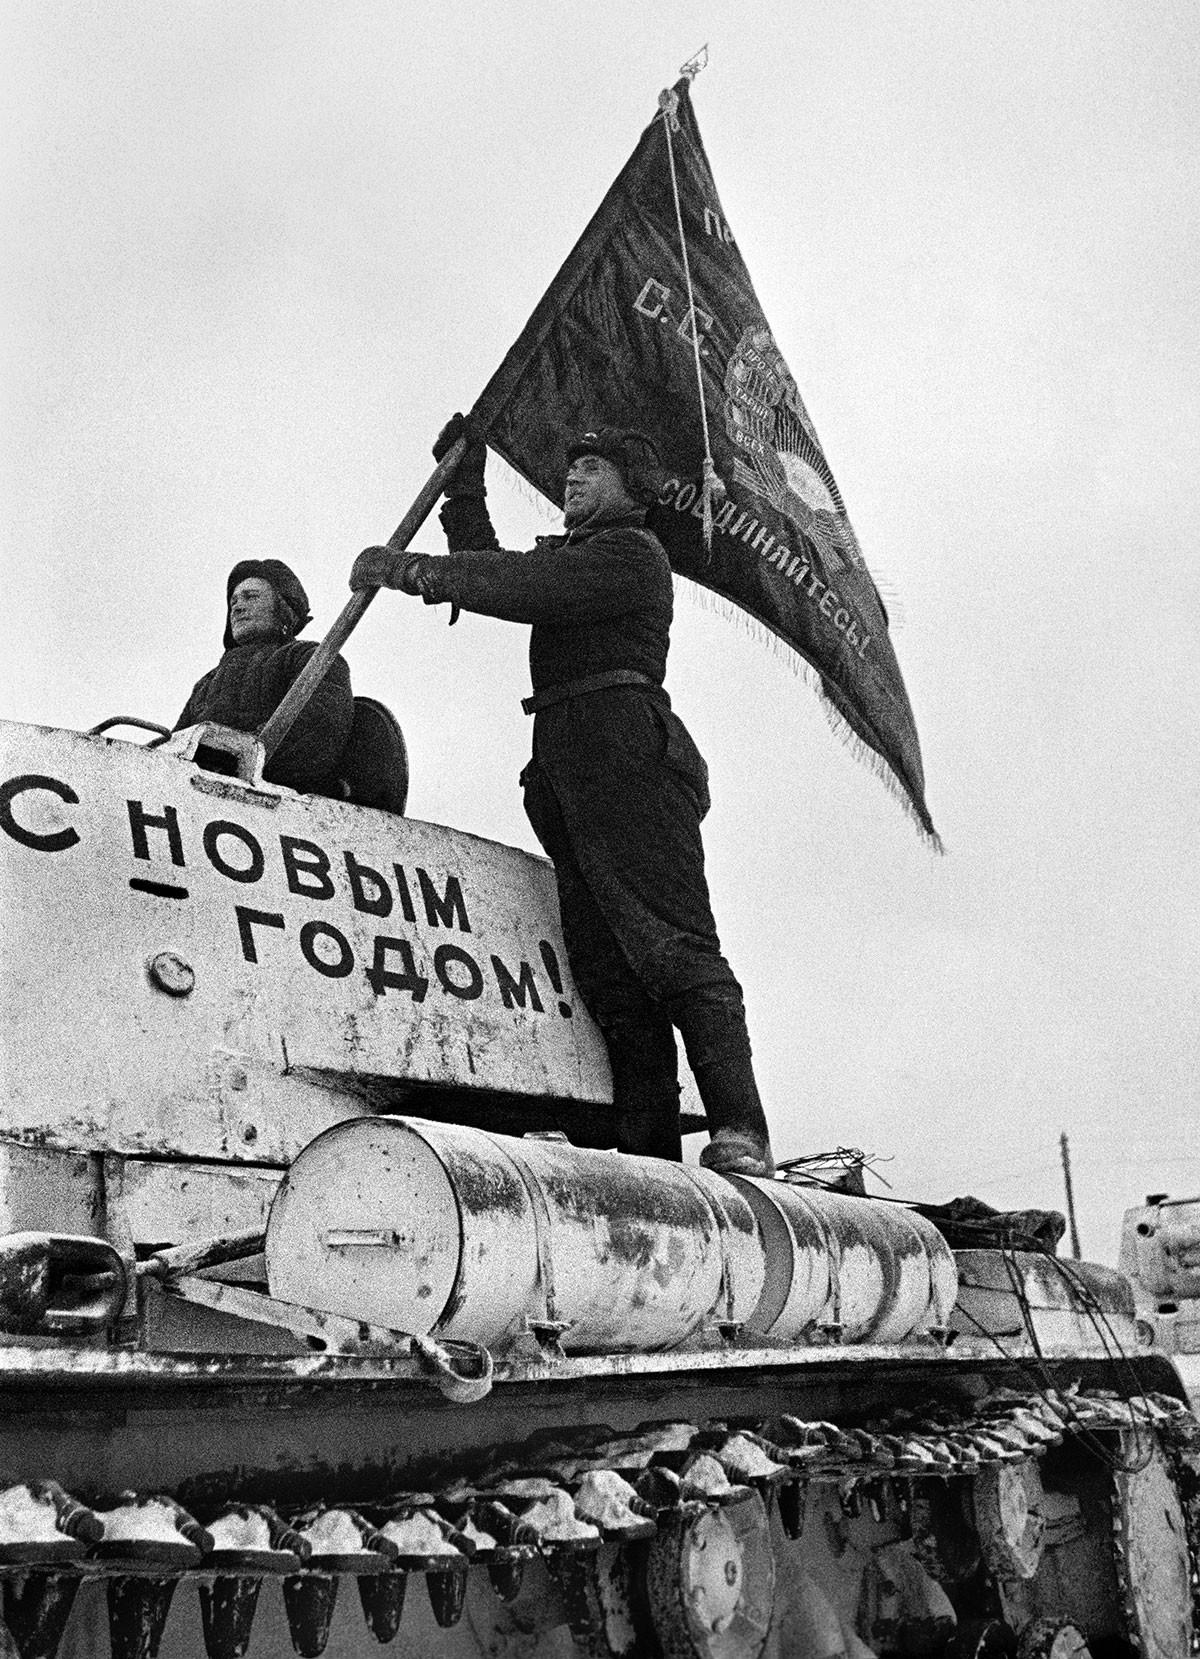 Das Neujahr an der Ostfront des Zweiten Weltkrieges, 1941